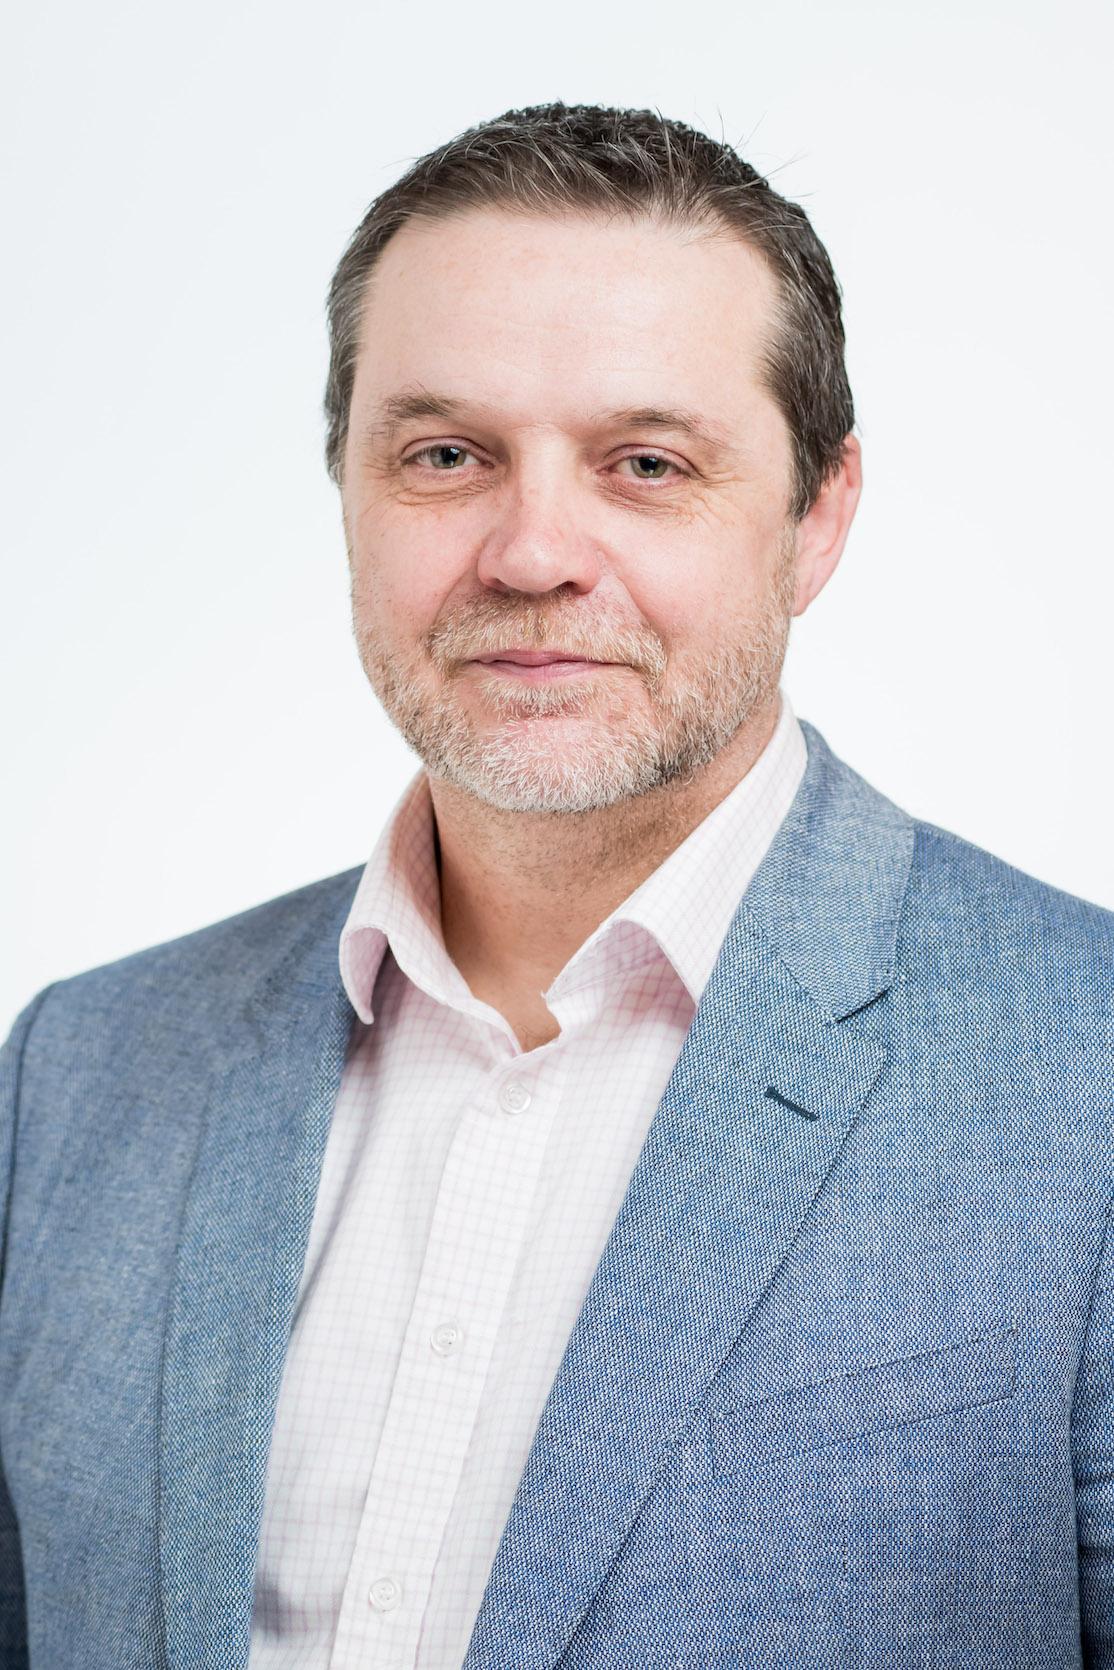 Neil MacGowan